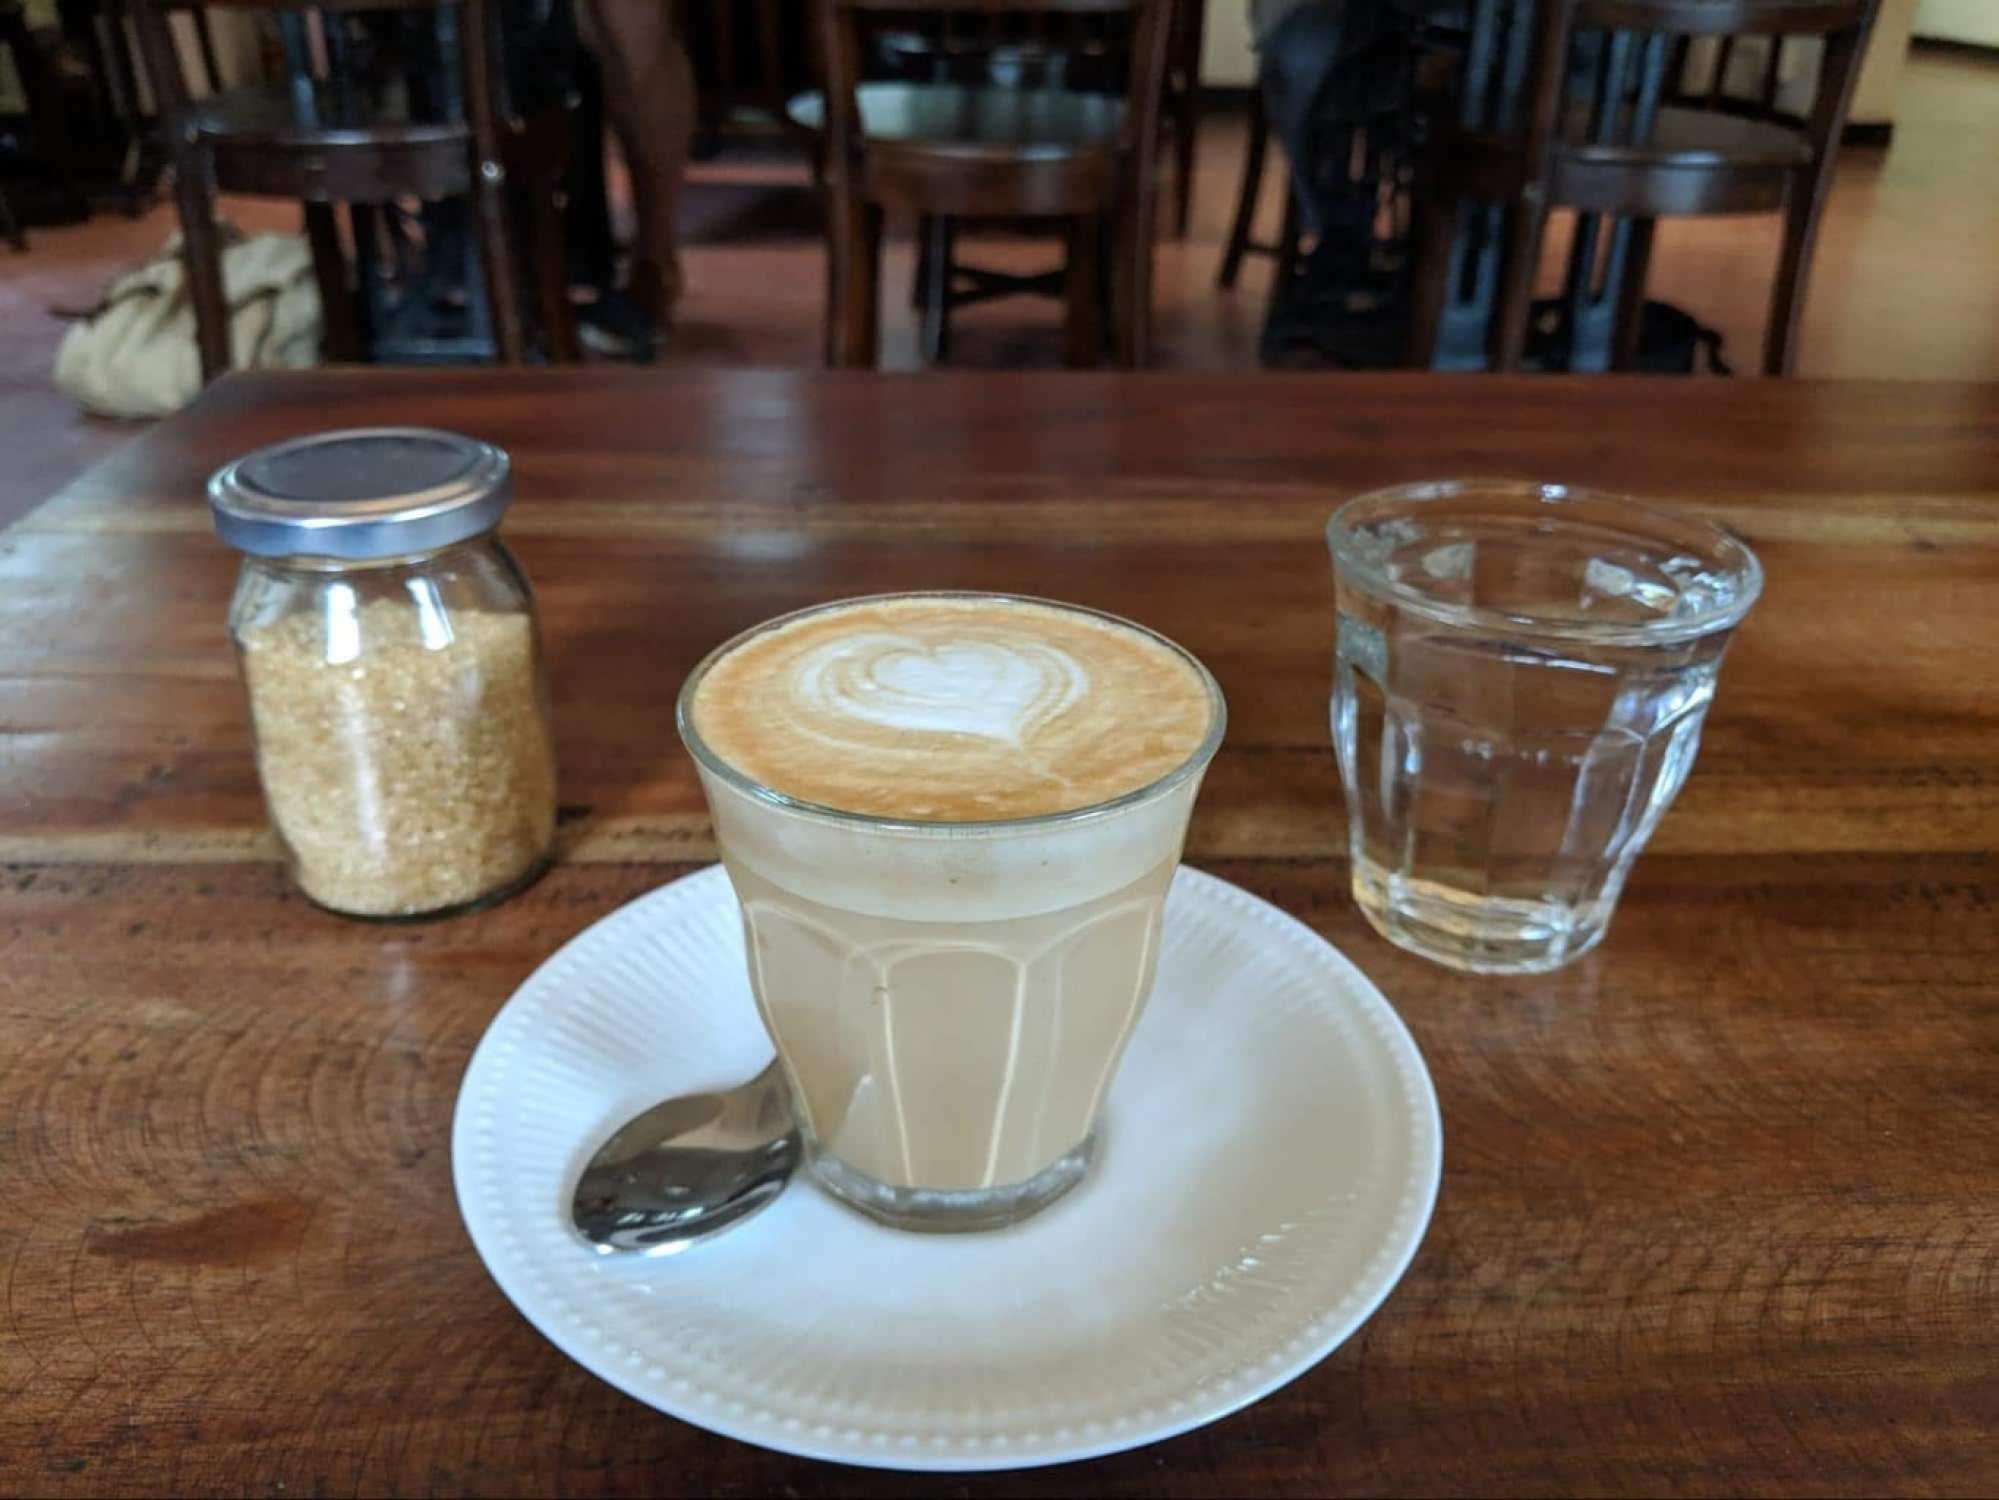 A latte at Black Cat Cafe